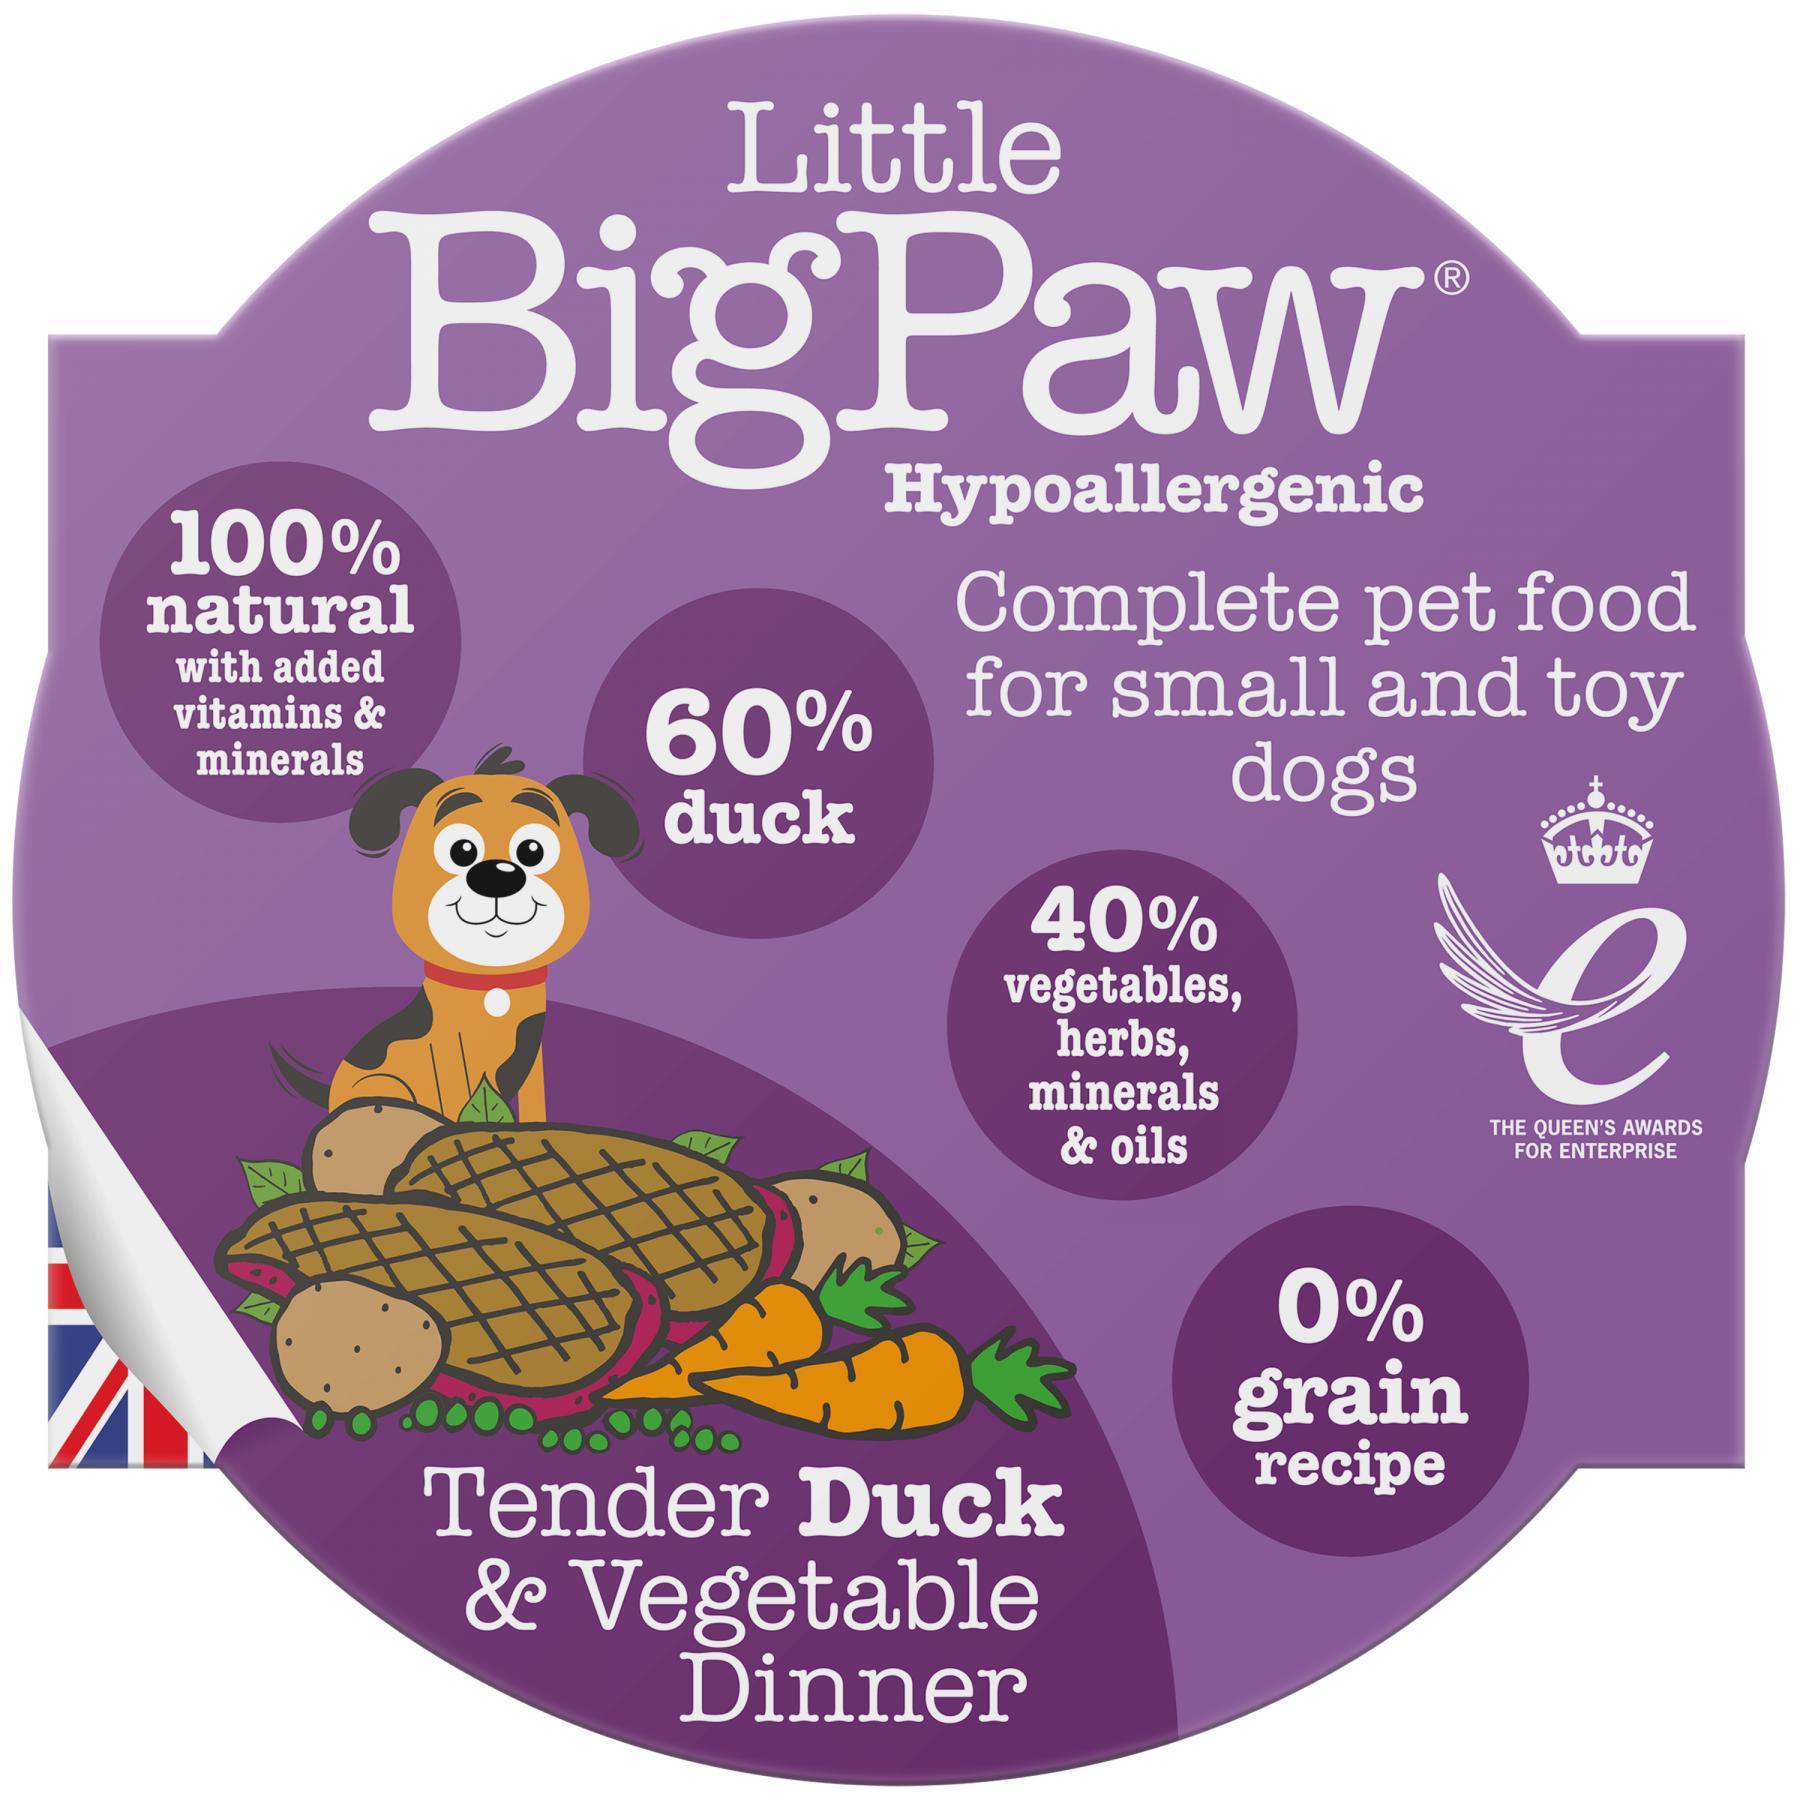 Little BigPaw Tender Duck & Vegetable Dinner Wet Dog Food, 85-gram